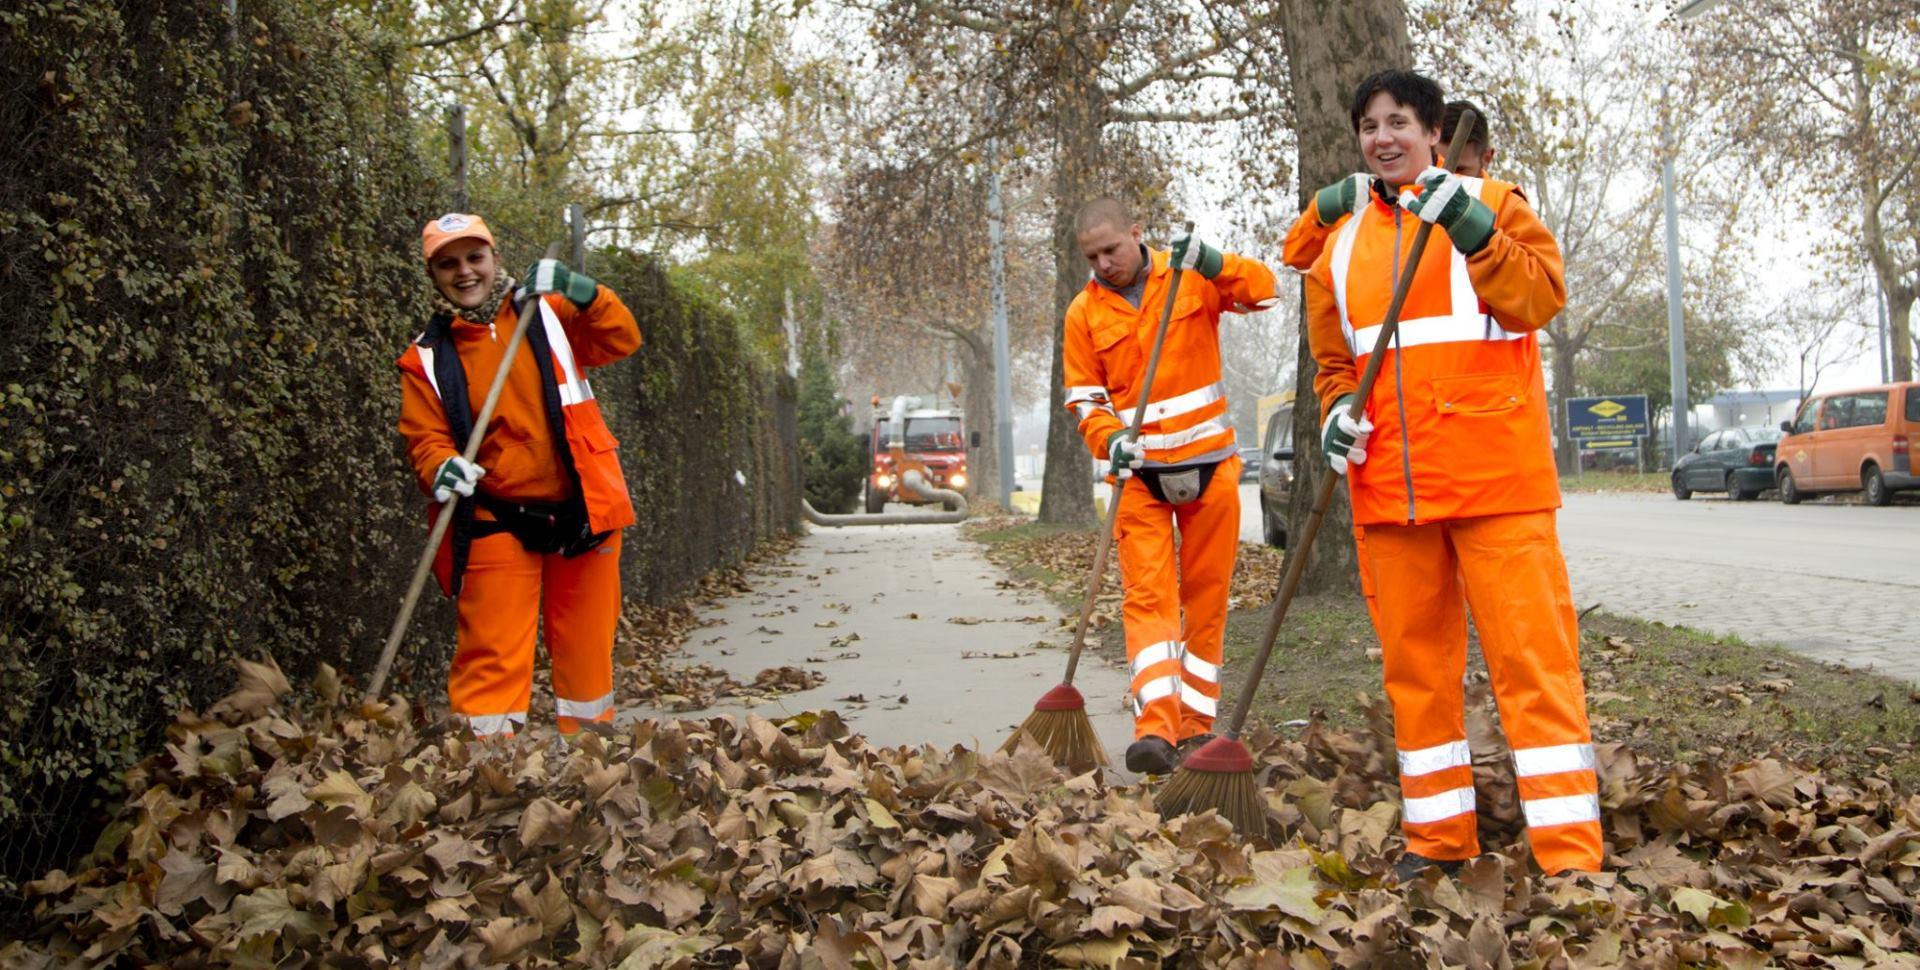 Beč godišnje prikupi sto tisuća tona biootpada